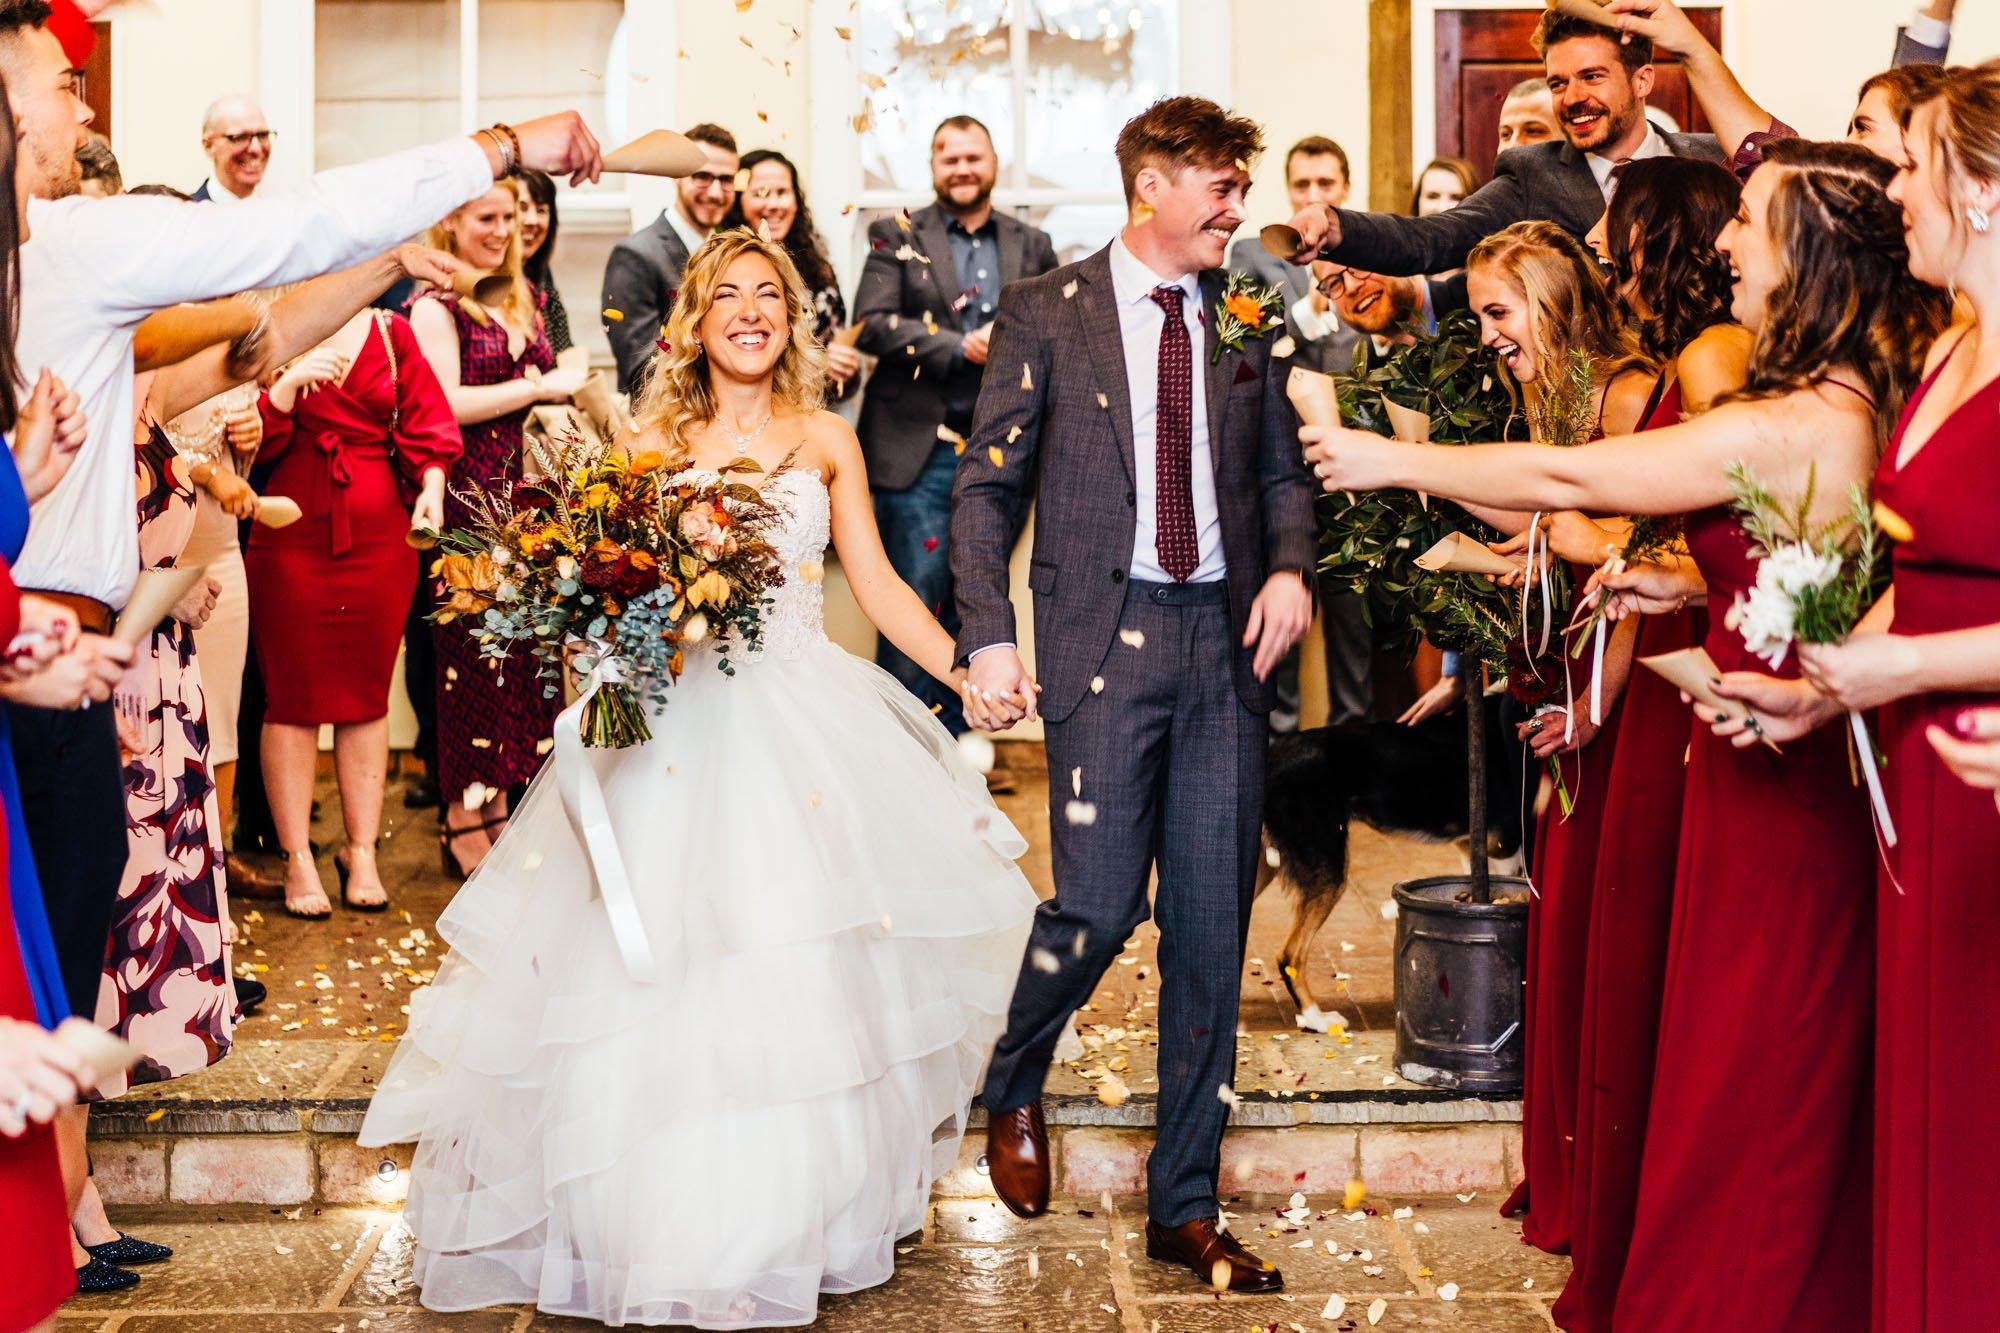 wedding-at-crockwell-farm-23